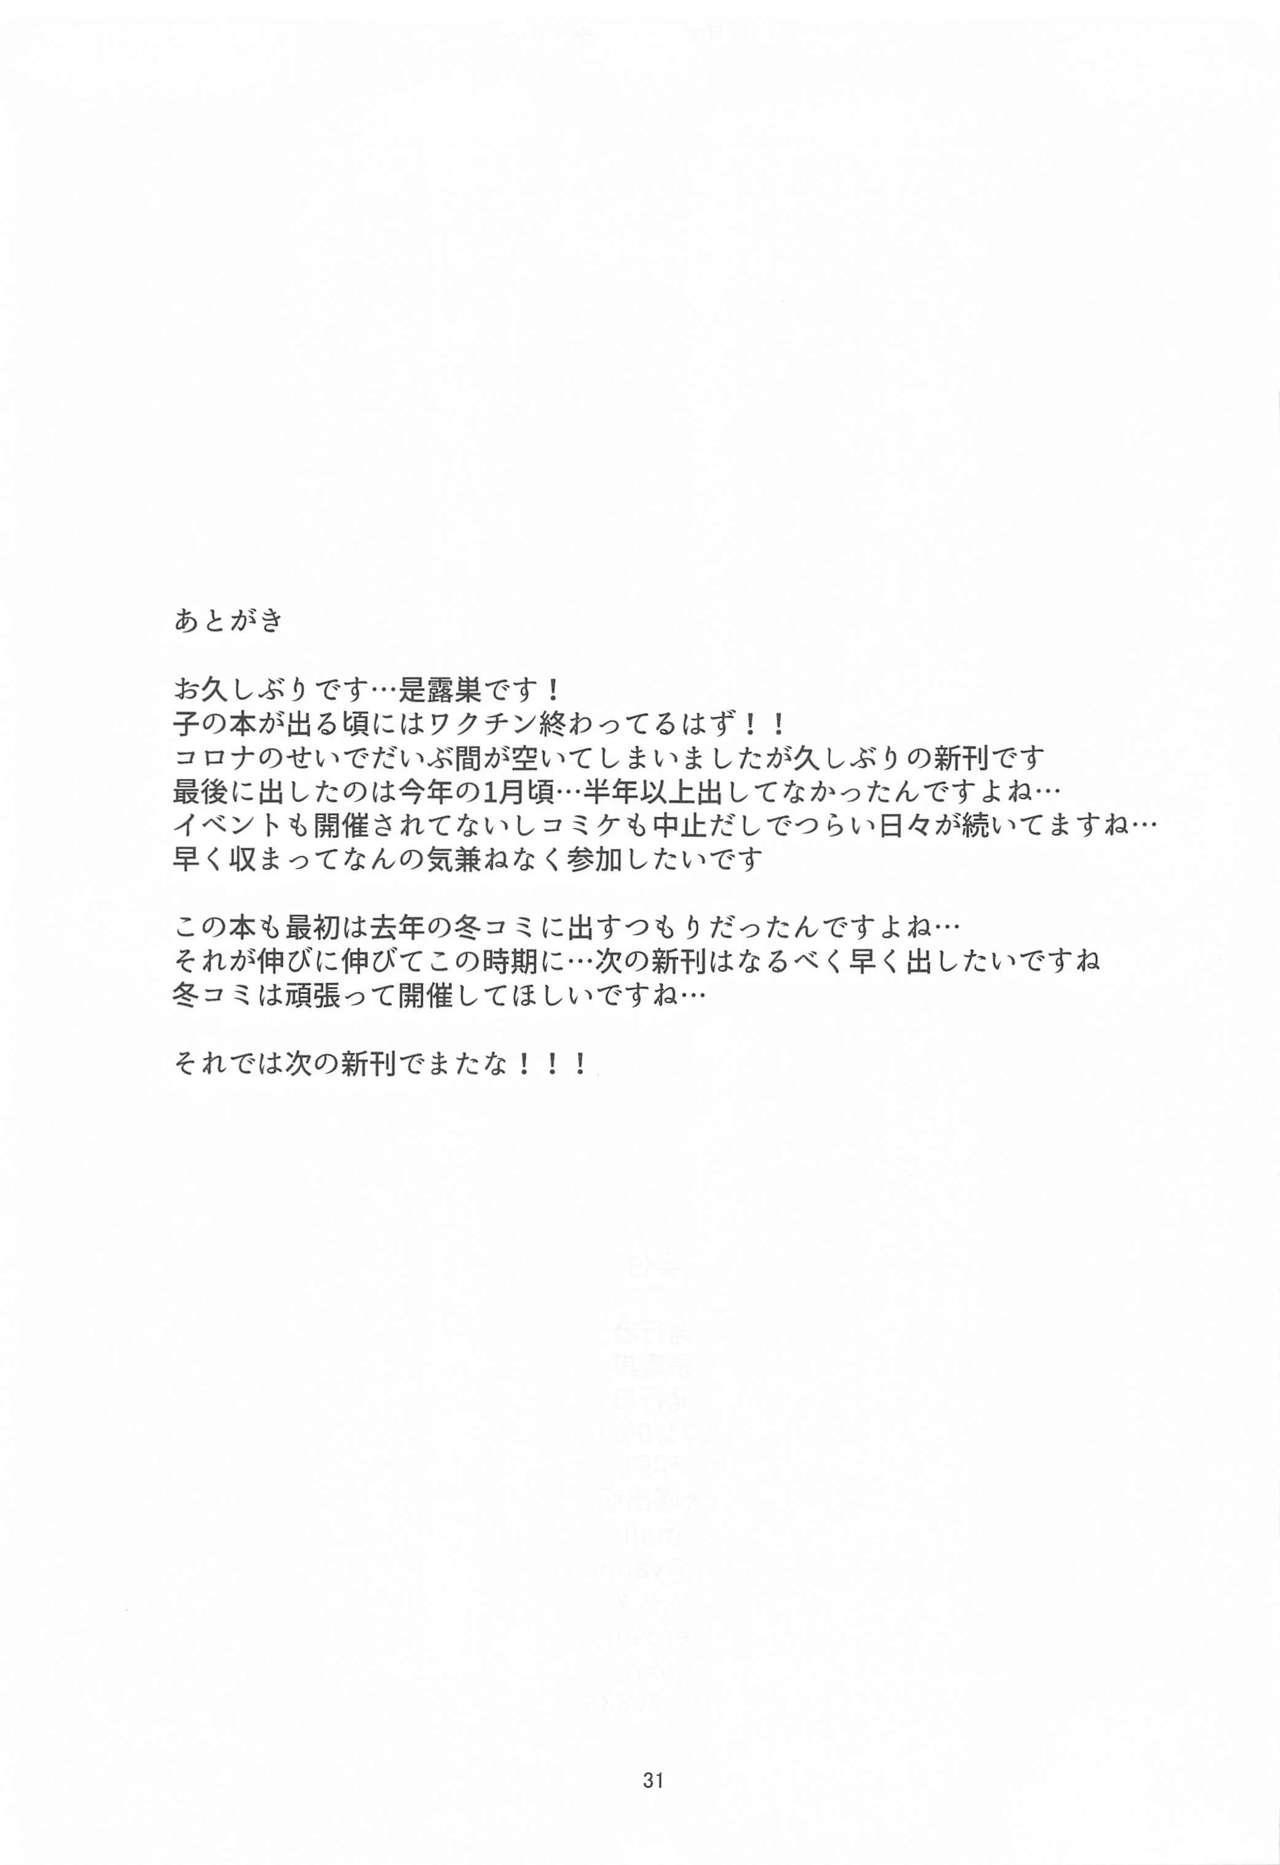 Hebigami-sama wa Ecchi ga Shitai 29